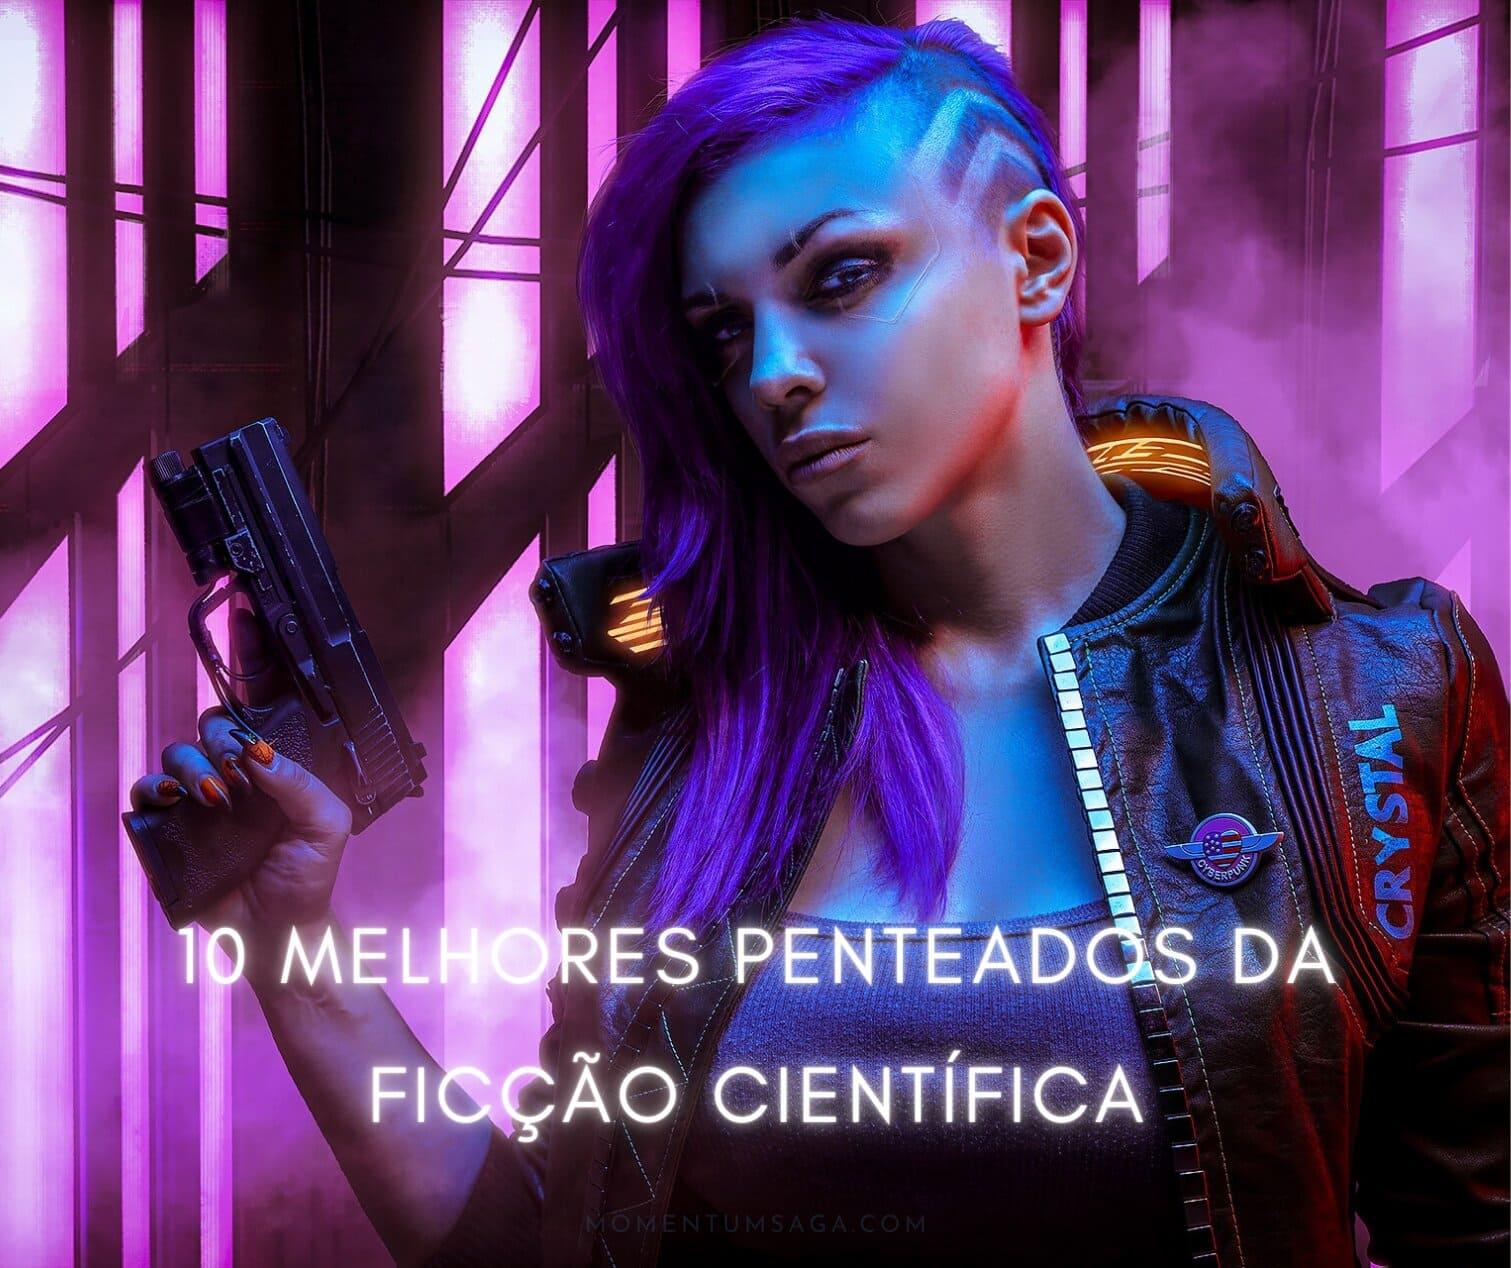 10 melhores penteados da ficção científica